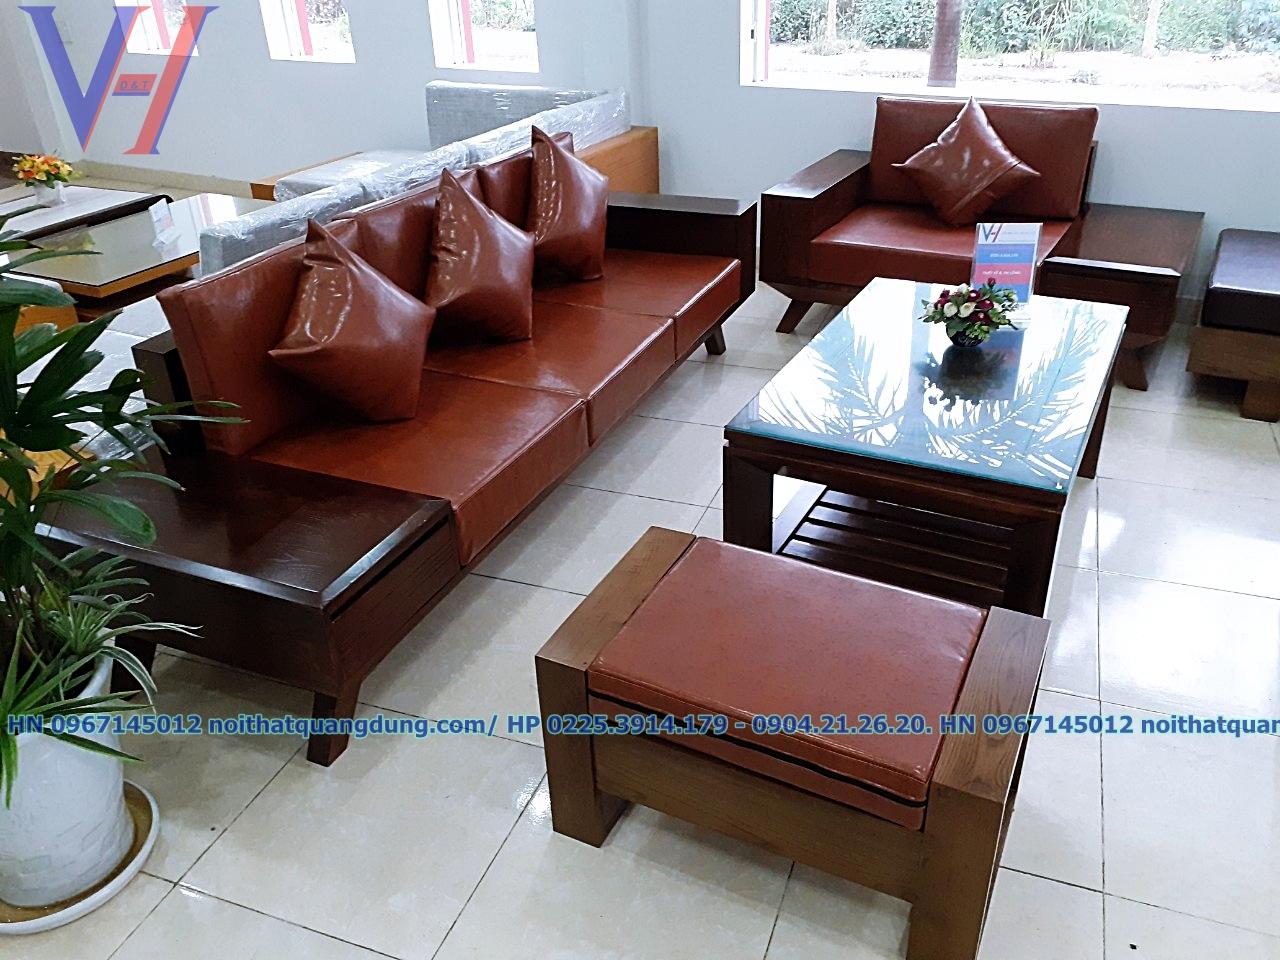 Sofa 2 văng gỗ da cực chất tại nội thất quang dũng hải phòng